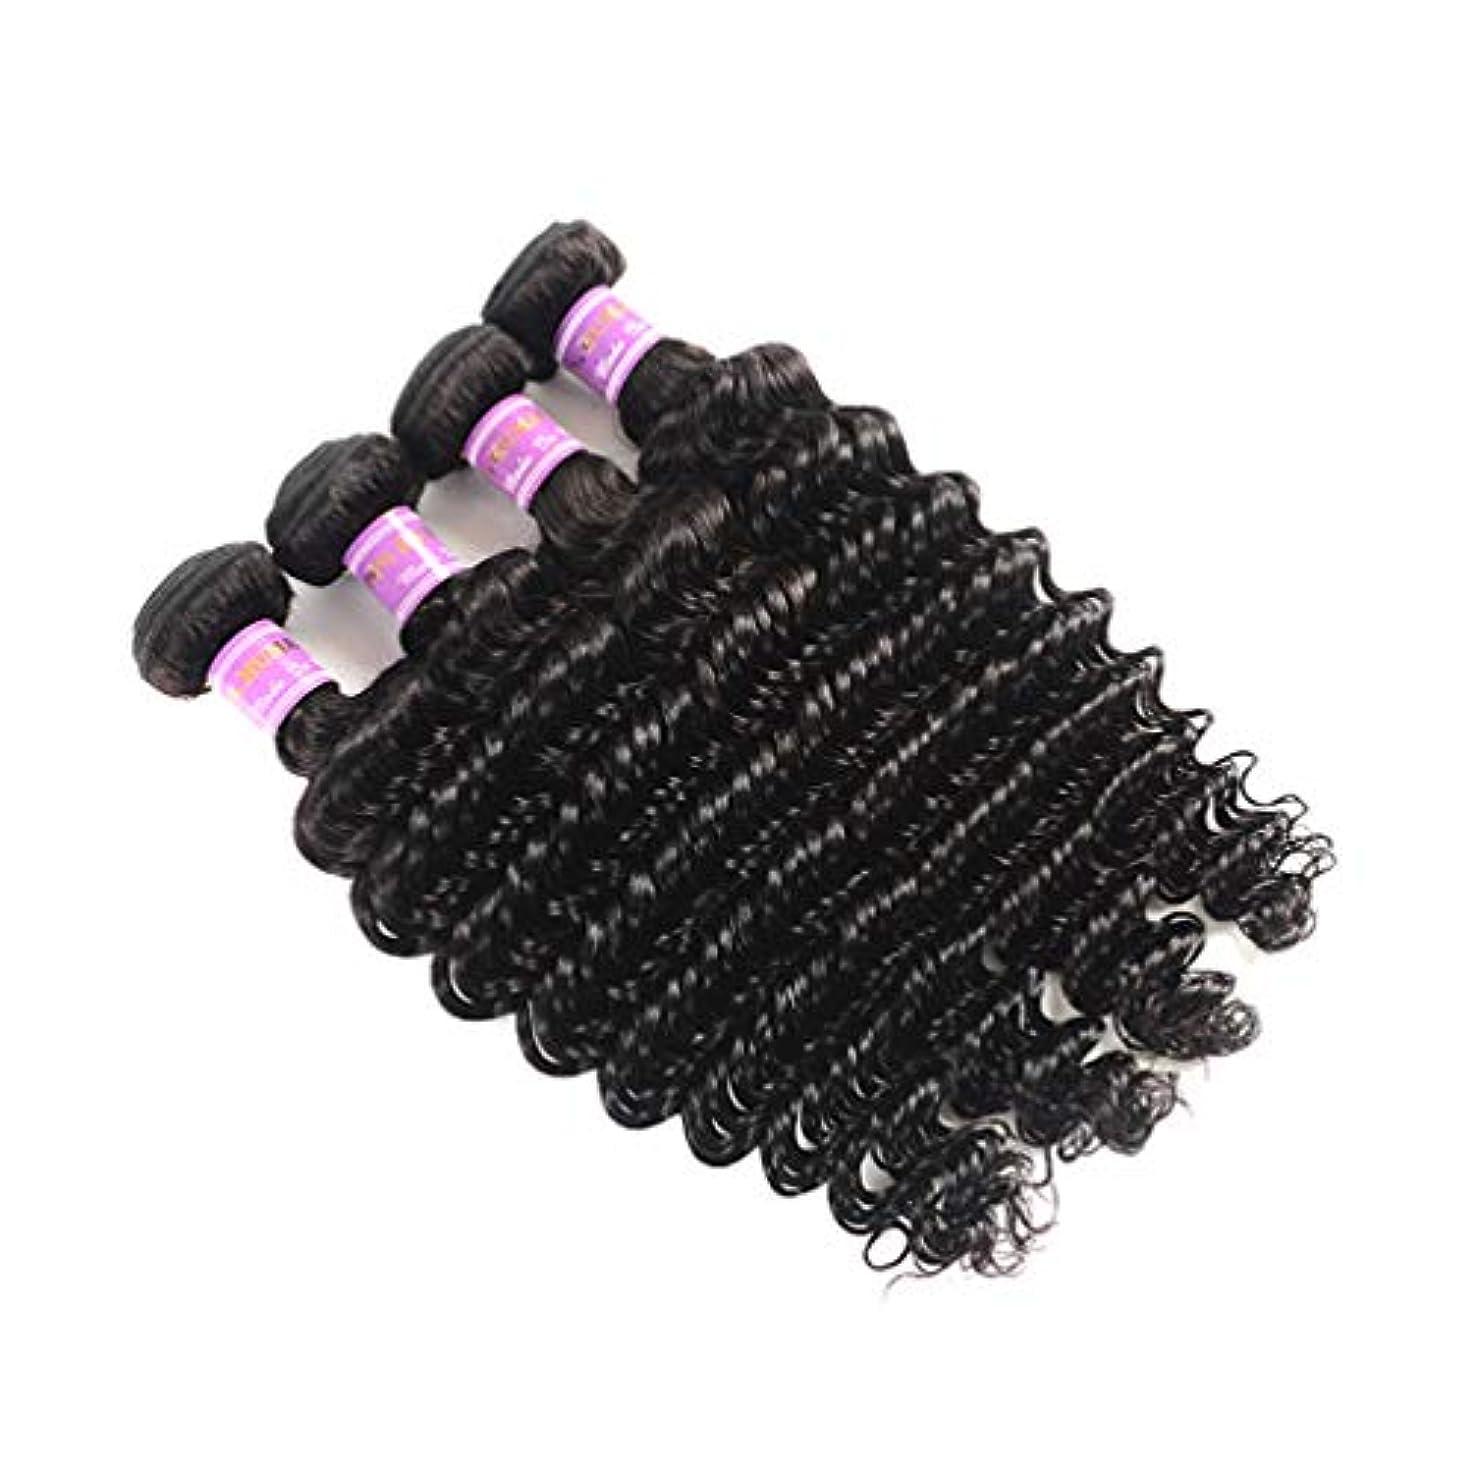 タービンパニック効率的に10A巻き毛3の束の人間の毛髪の織り方の未処理のマレーシアのバージンのRemyの毛延長自然で黒い色